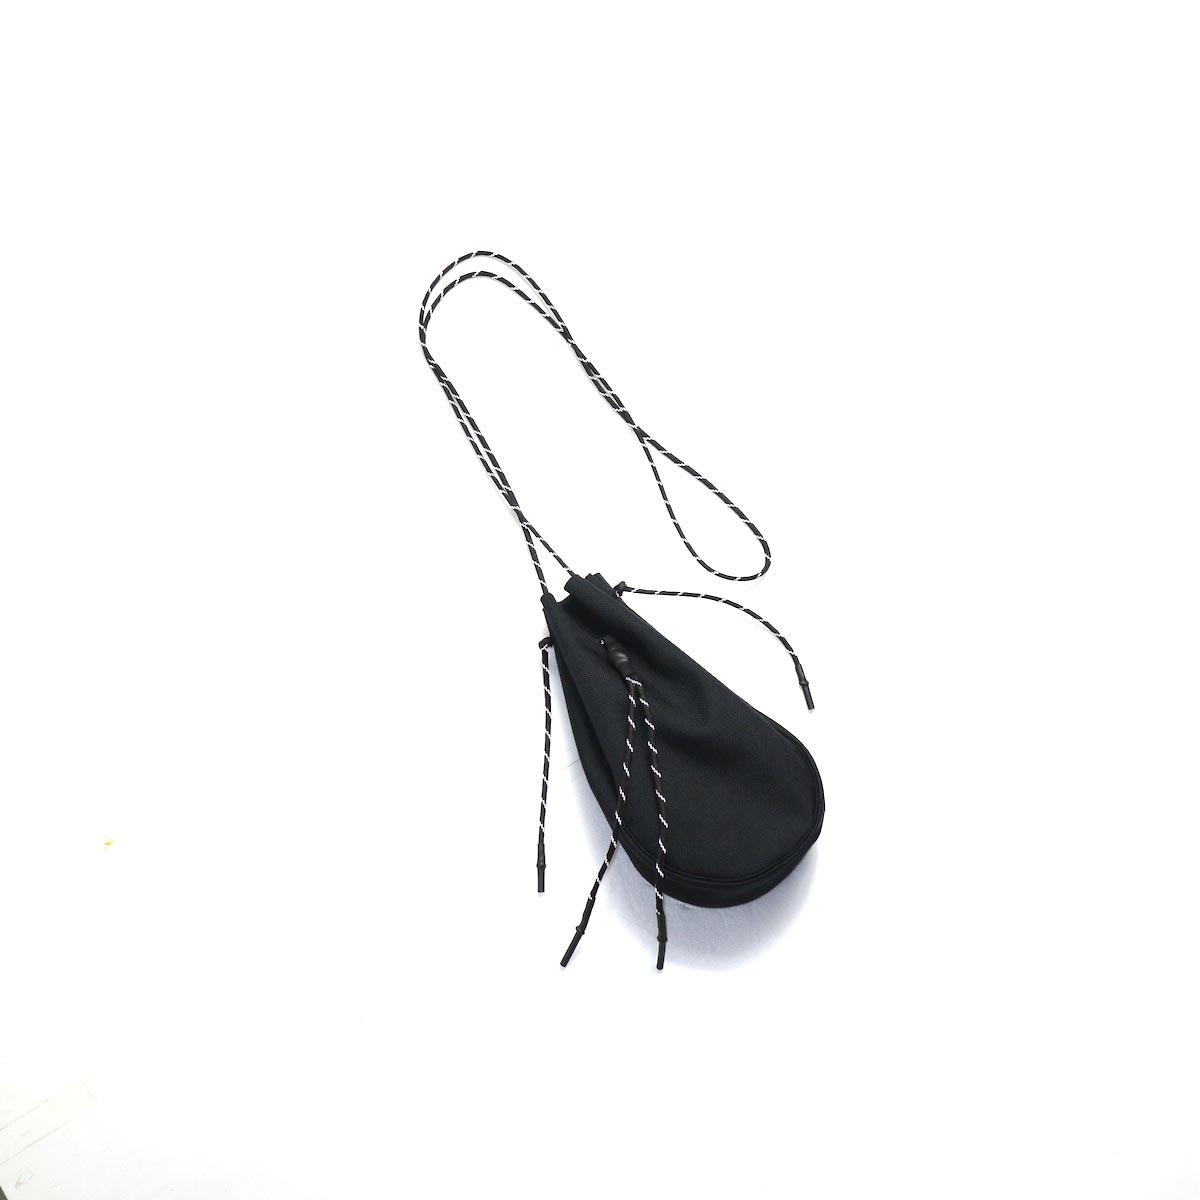 吉岡衣料店 / drawstring bag -S-. (Black)正面